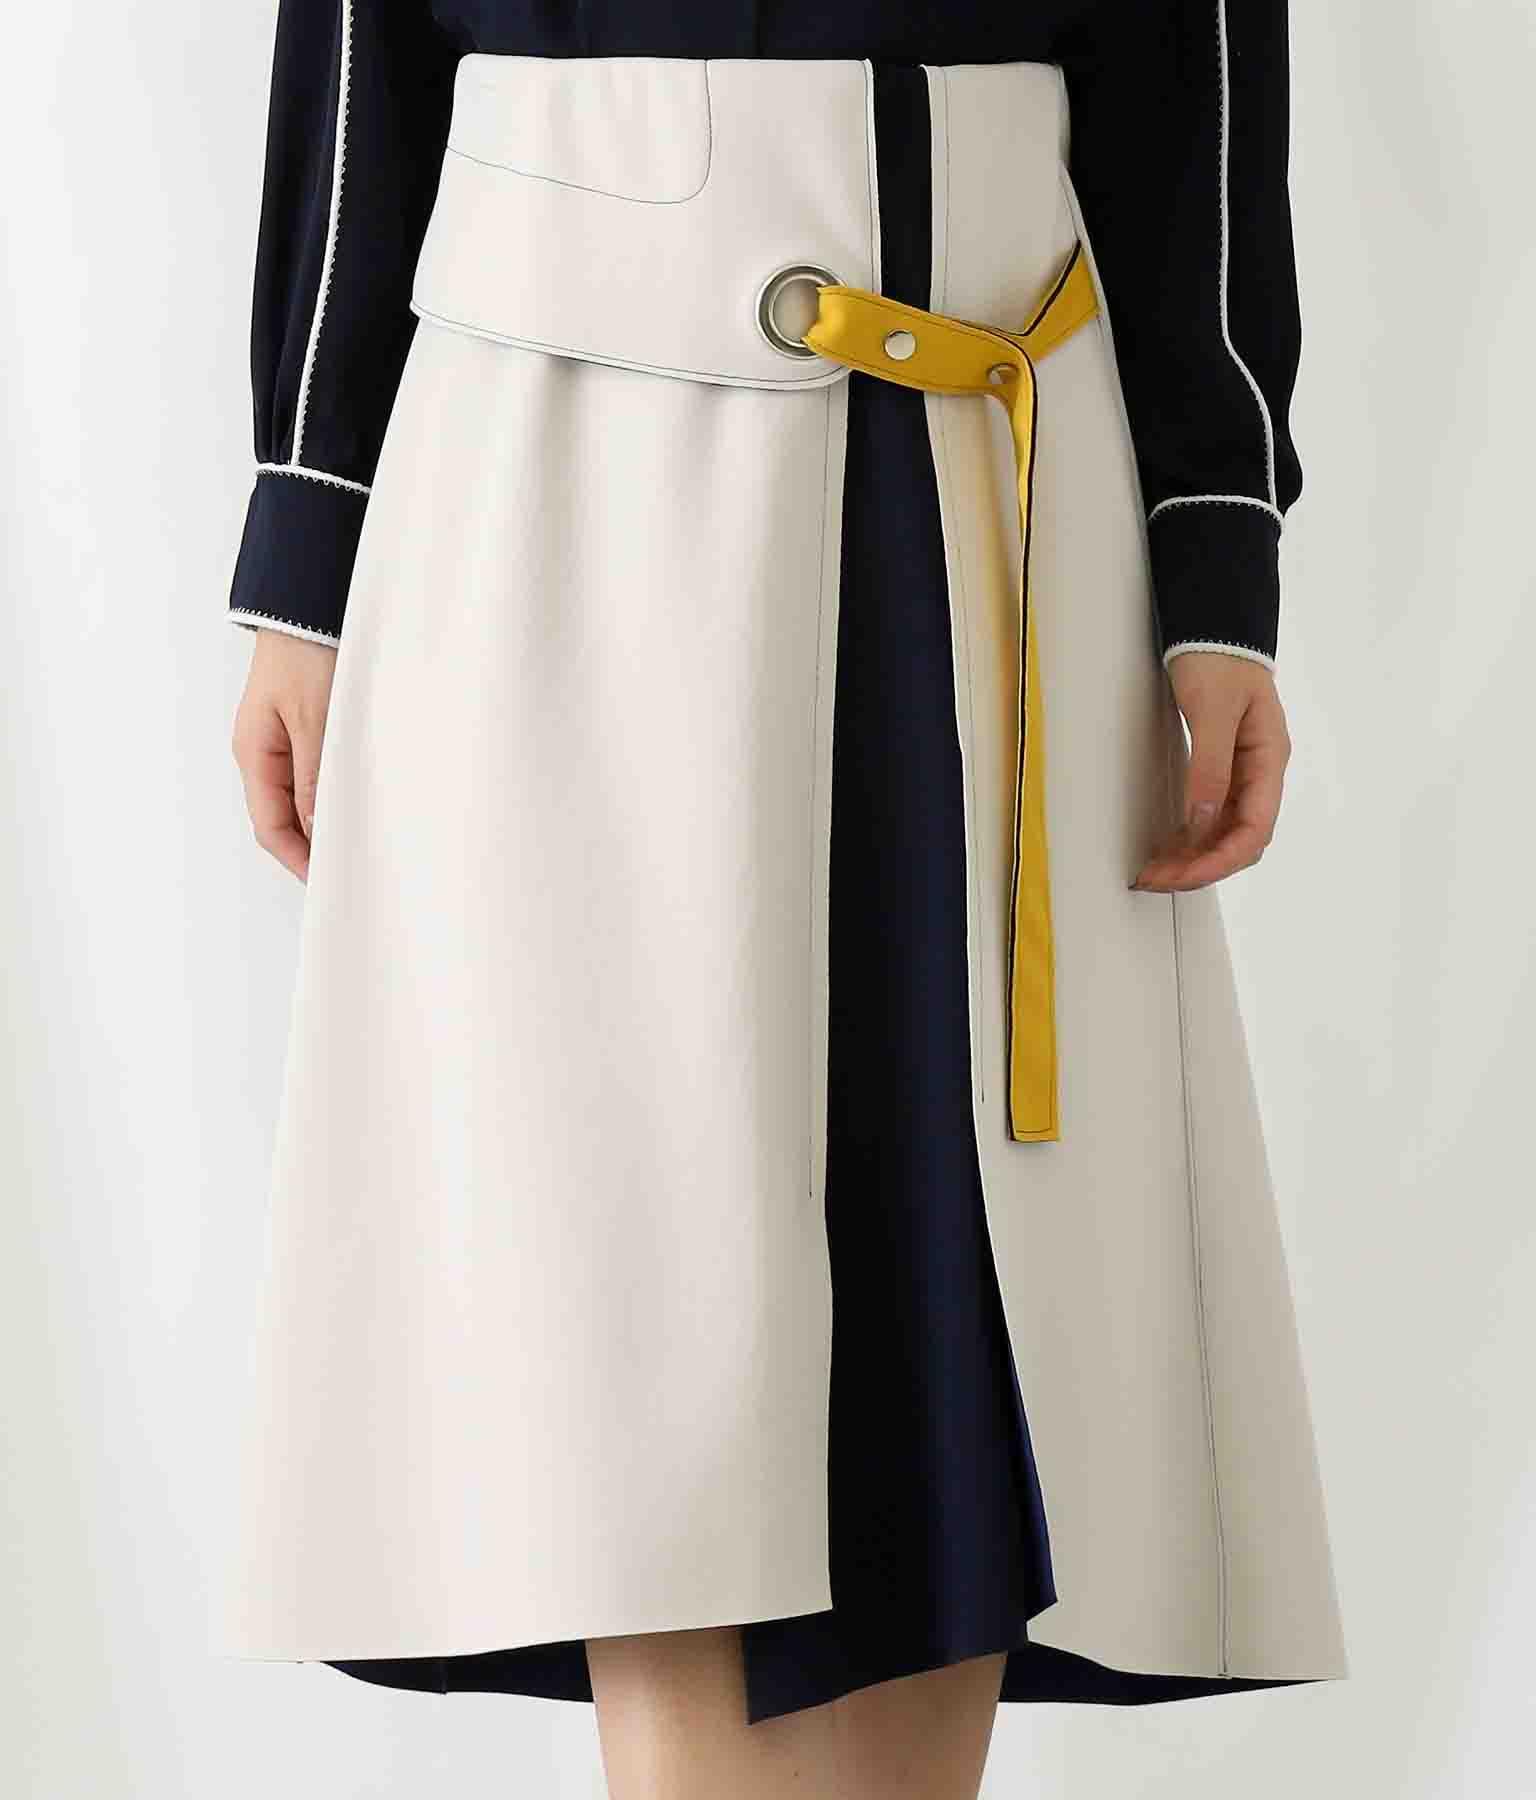 ボンディング配色ステッチアイレットスカート